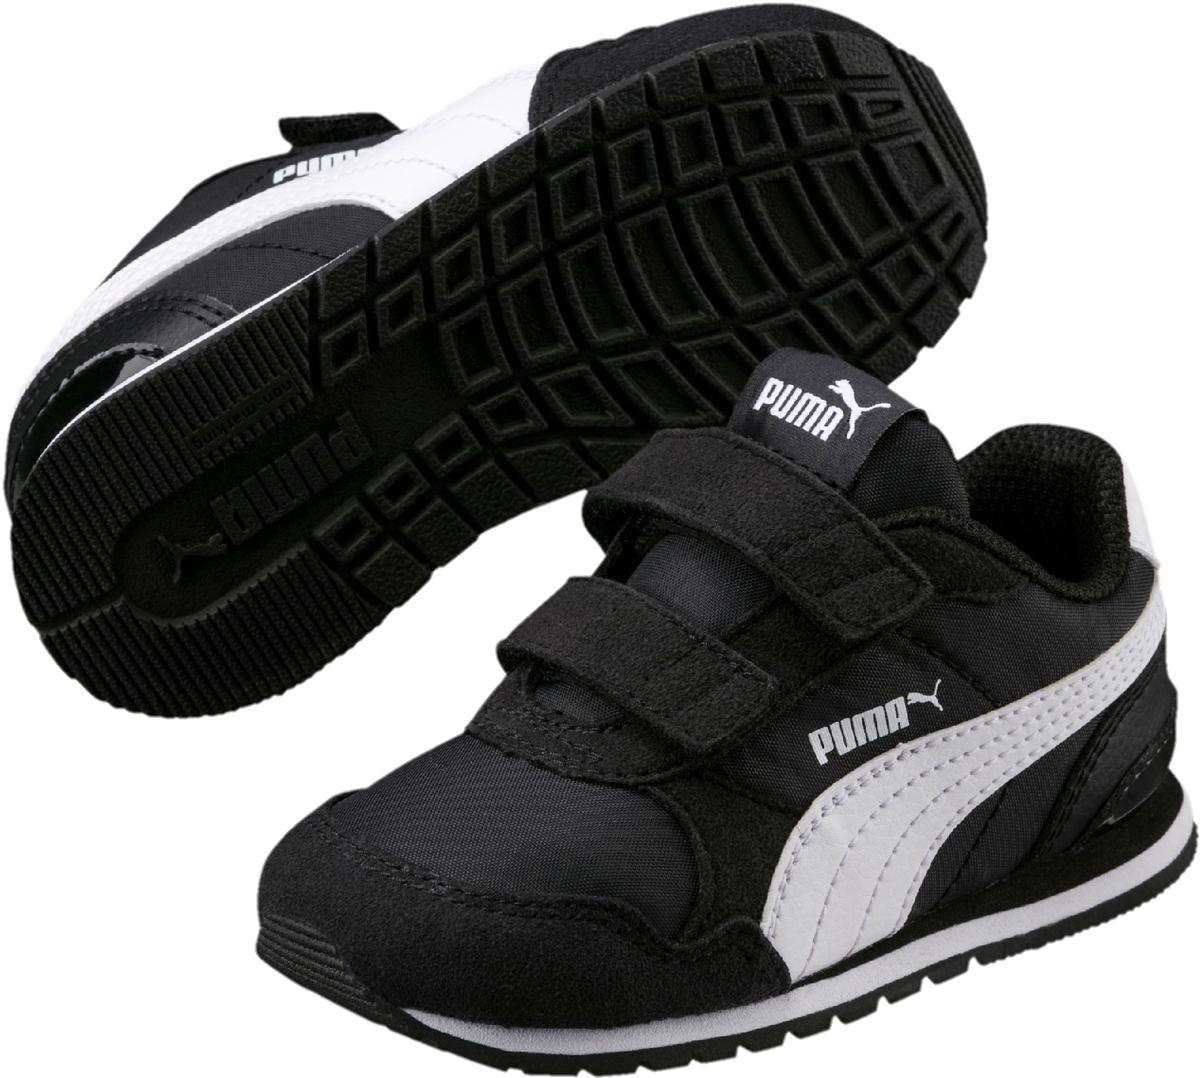 Кроссовки детские Puma ST Runner v2 NL V PS, цвет: черный. 36529401. Размер 11,5 (29)36529401Классический силуэт легендарной модели ST Runner никогда не выйдет из моды. В варианте ST Runner v2 NL предусмотрен сплошной резиновый накат на внешнюю подошву, чтобы нога не проскальзывала, и кроссовки носились дольше. Фигурный задник не только придает модели своеобразие, но и надежно фиксирует пятку. Традиционный нейлоновый верх с фирменной боковой полосой из натуральной кожи соответствует эксклюзивному стилю ST Runner. Липучки обеспечивают надежную фиксацию обуви на ноге ребенка. Подкладка выполнена из текстиля, что предотвращает натирание и гарантирует уют. Резиновая подошва с рифлением обеспечивает идеальное сцепление с любыми поверхностями.